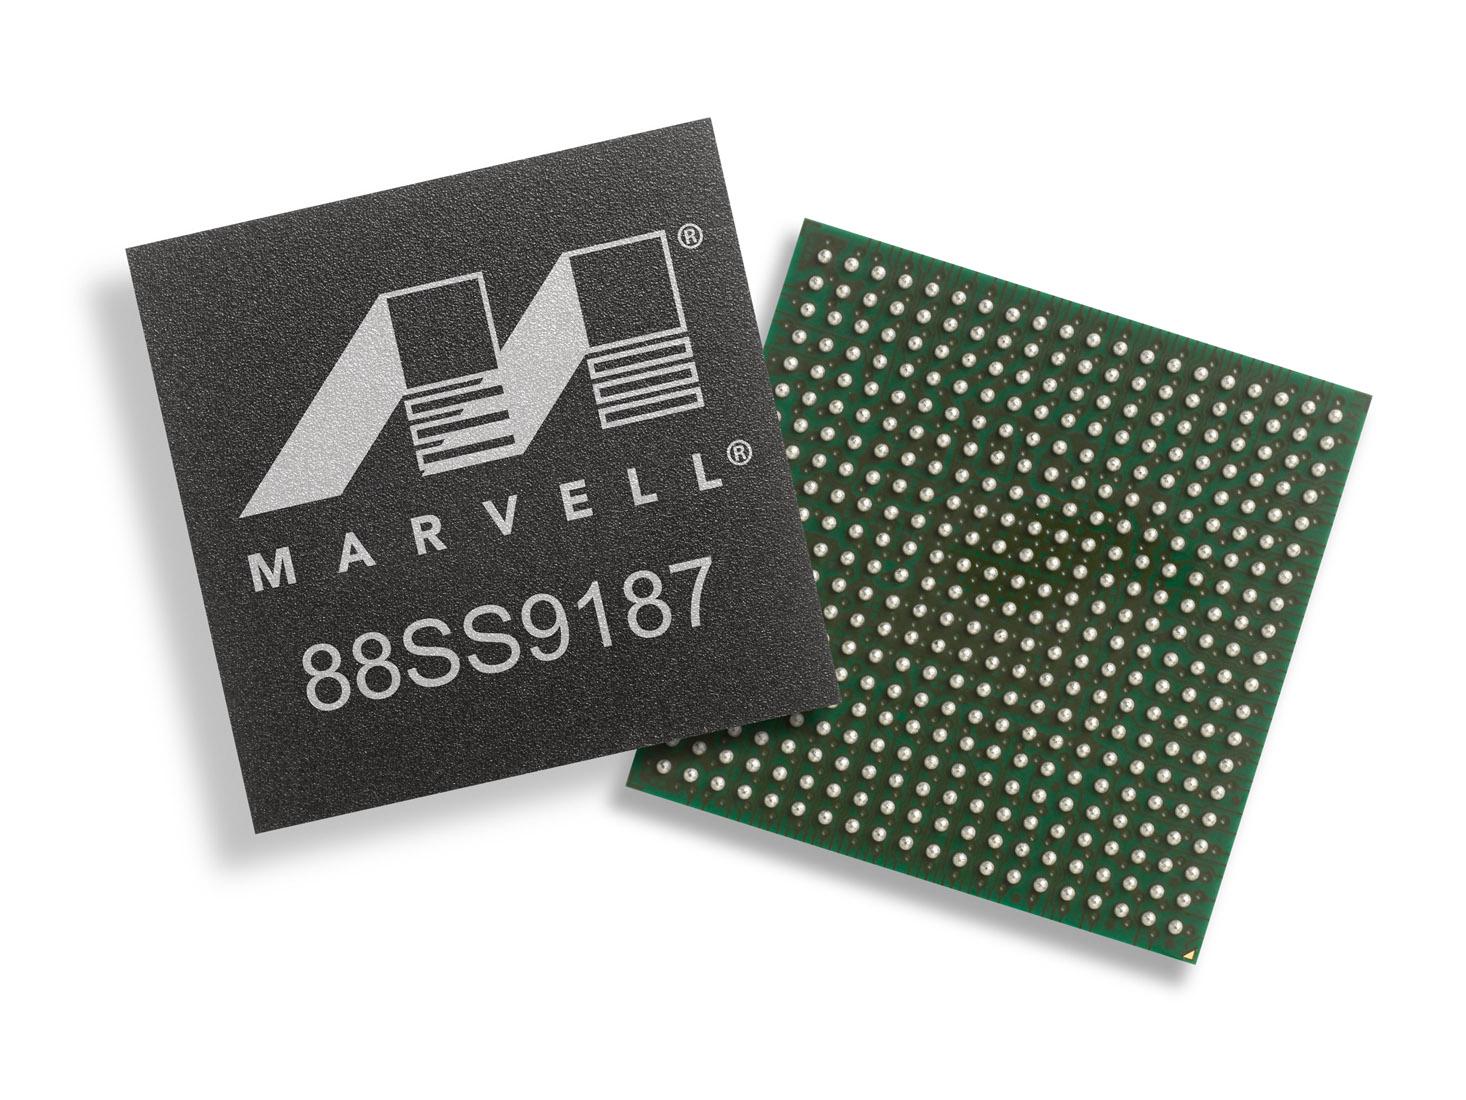 Производитель процессоров впервые создал чип специально для HomeKit